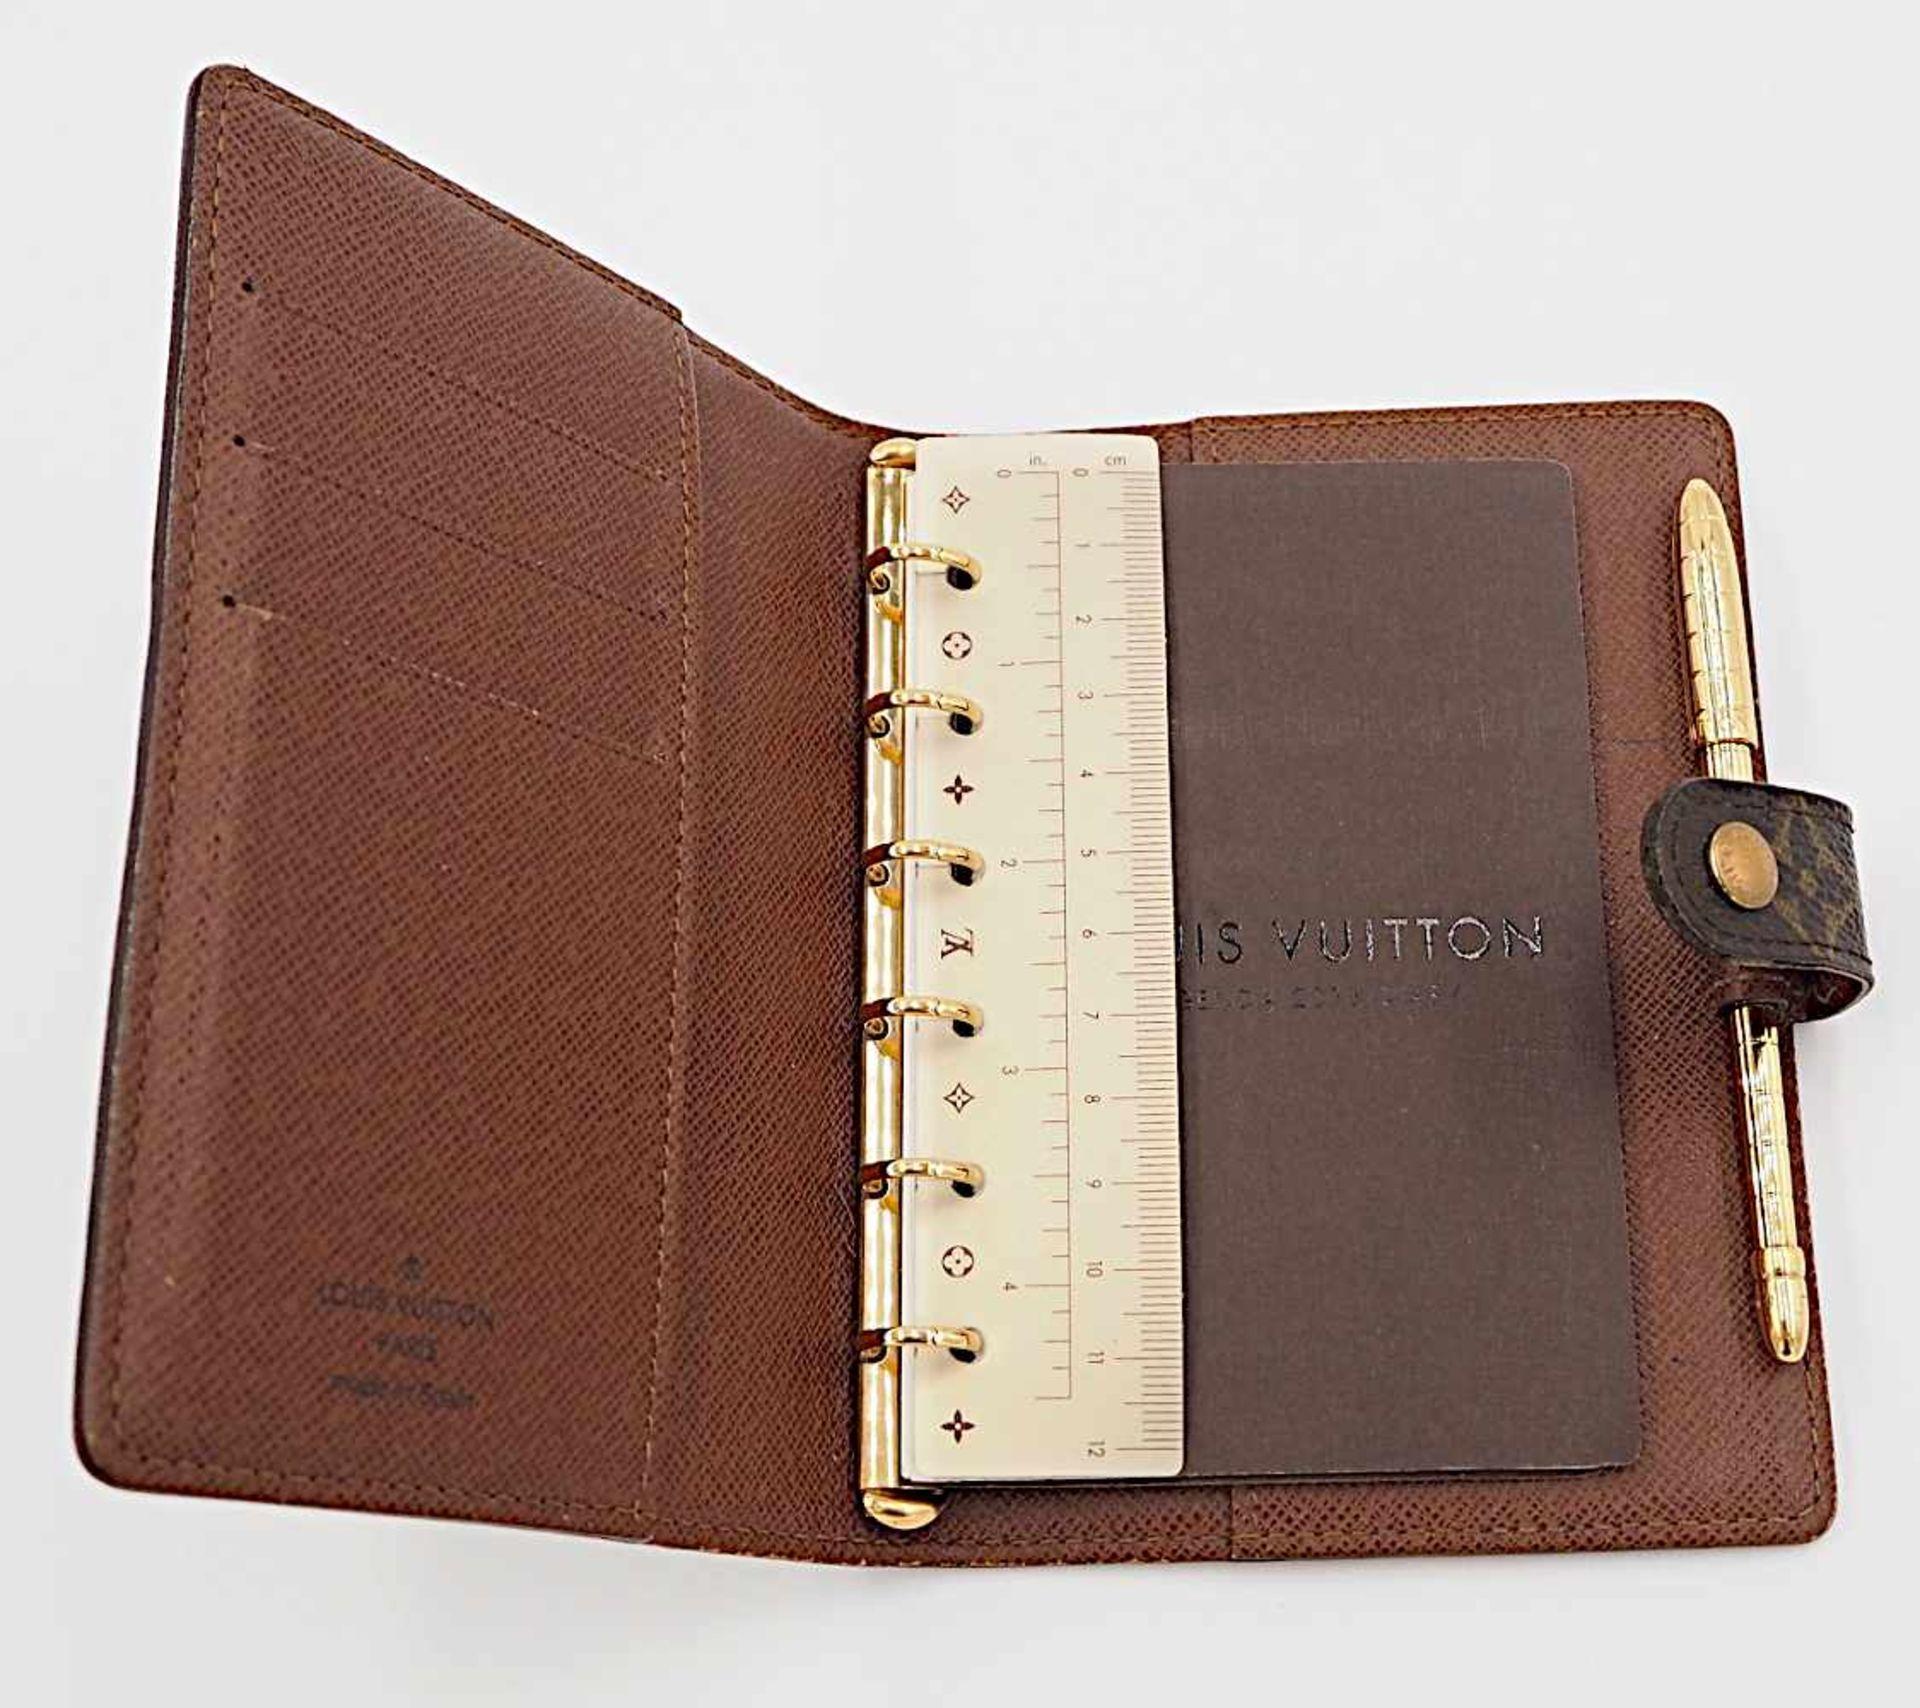 1 Agenda 1 Kugelschreiber Louis Vuitton m. Rechnungskopie monogr. Gsp. - Image 3 of 3